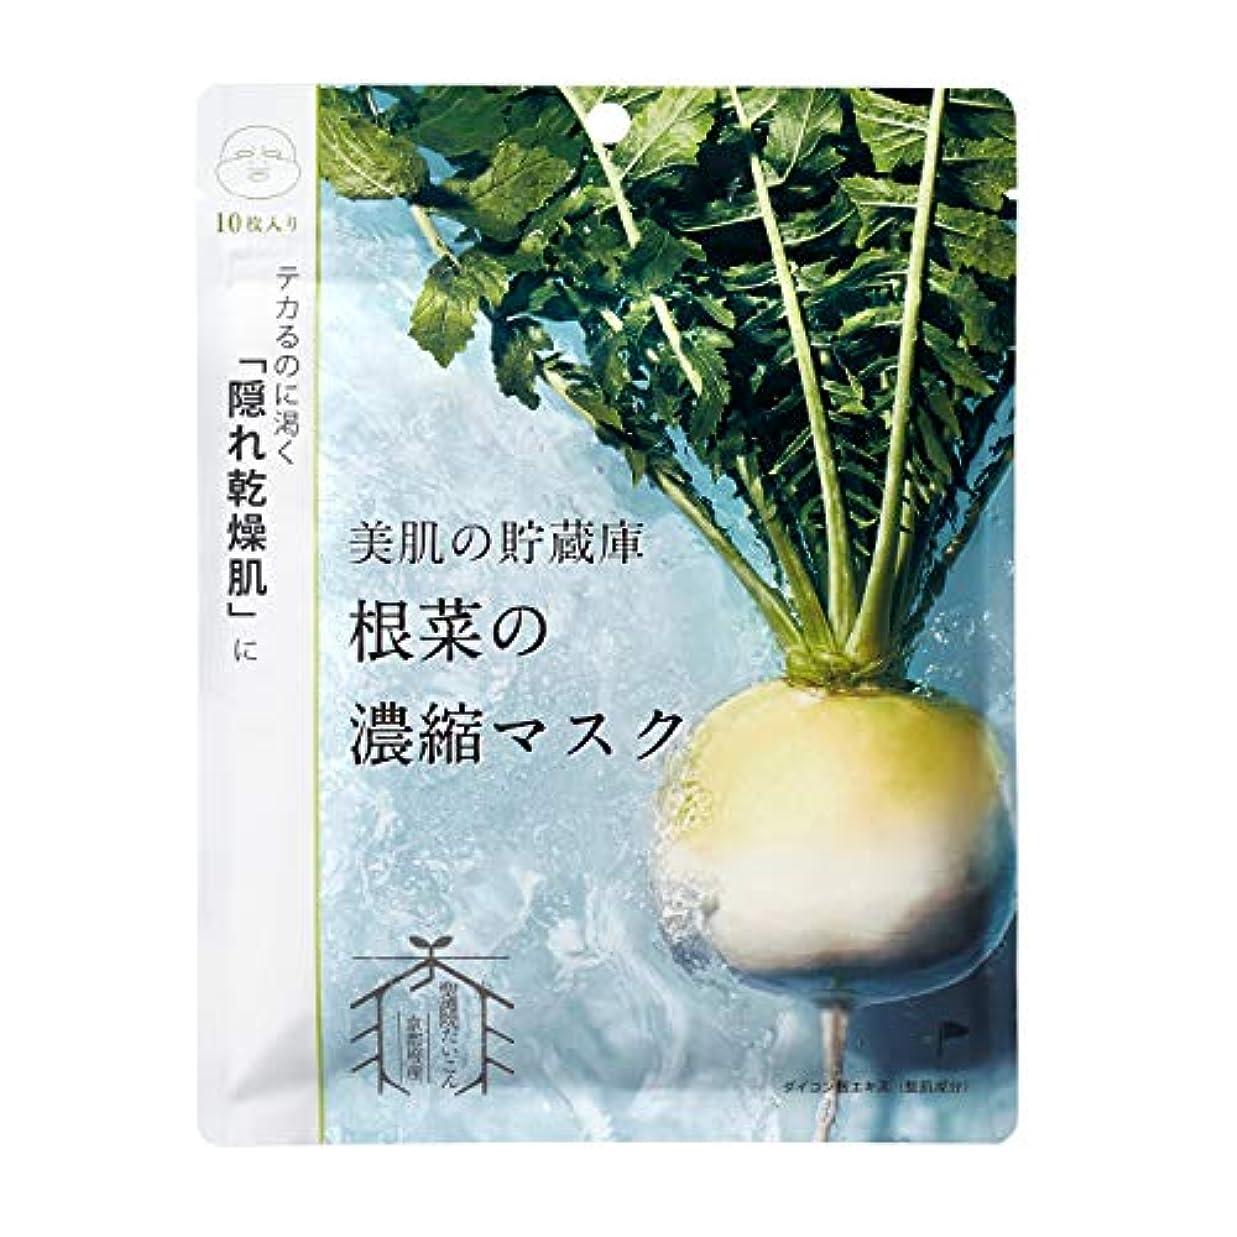 受け継ぐ汚いファイル@cosme nippon 美肌の貯蔵庫 根菜の濃縮マスク 聖護院だいこん 10枚入 148ml